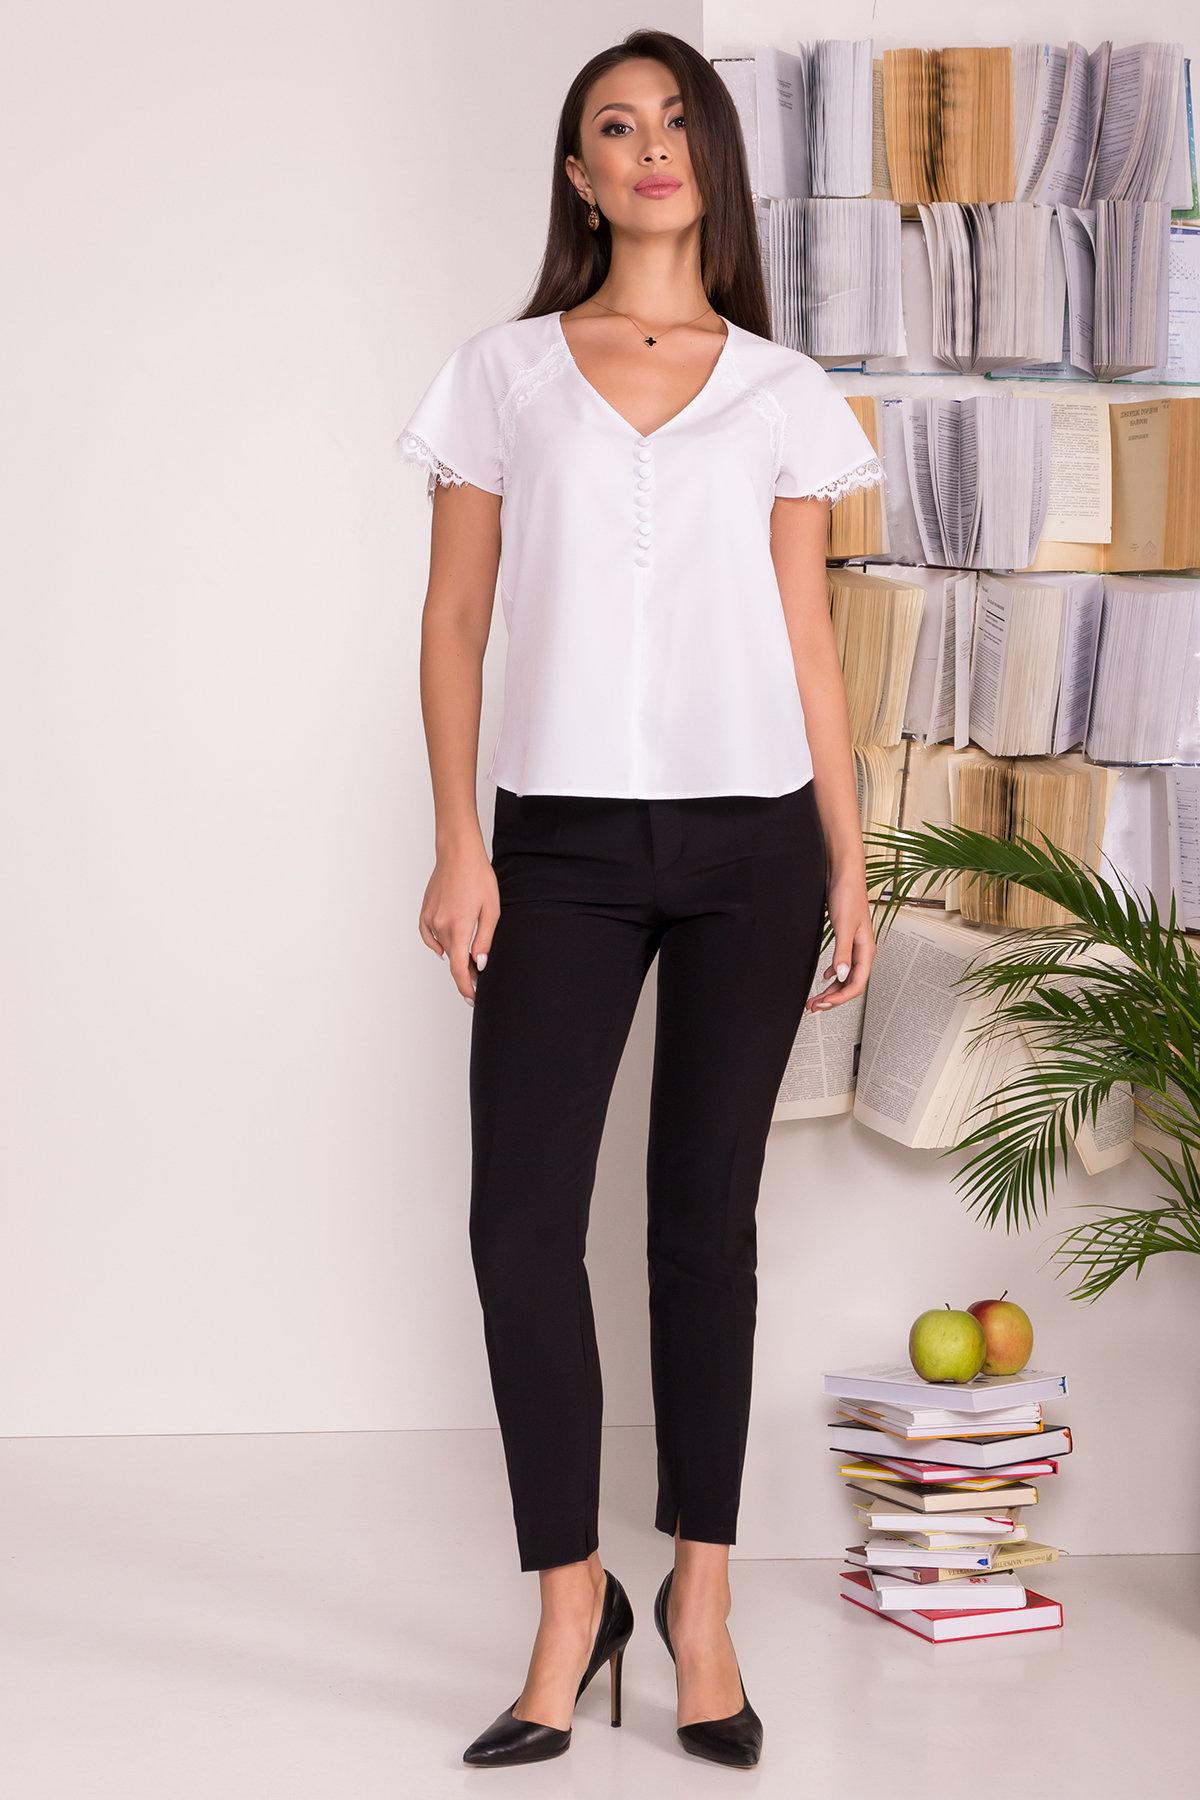 Блузка с v-образным вырезом Аиша  7648 Цвет: Белый